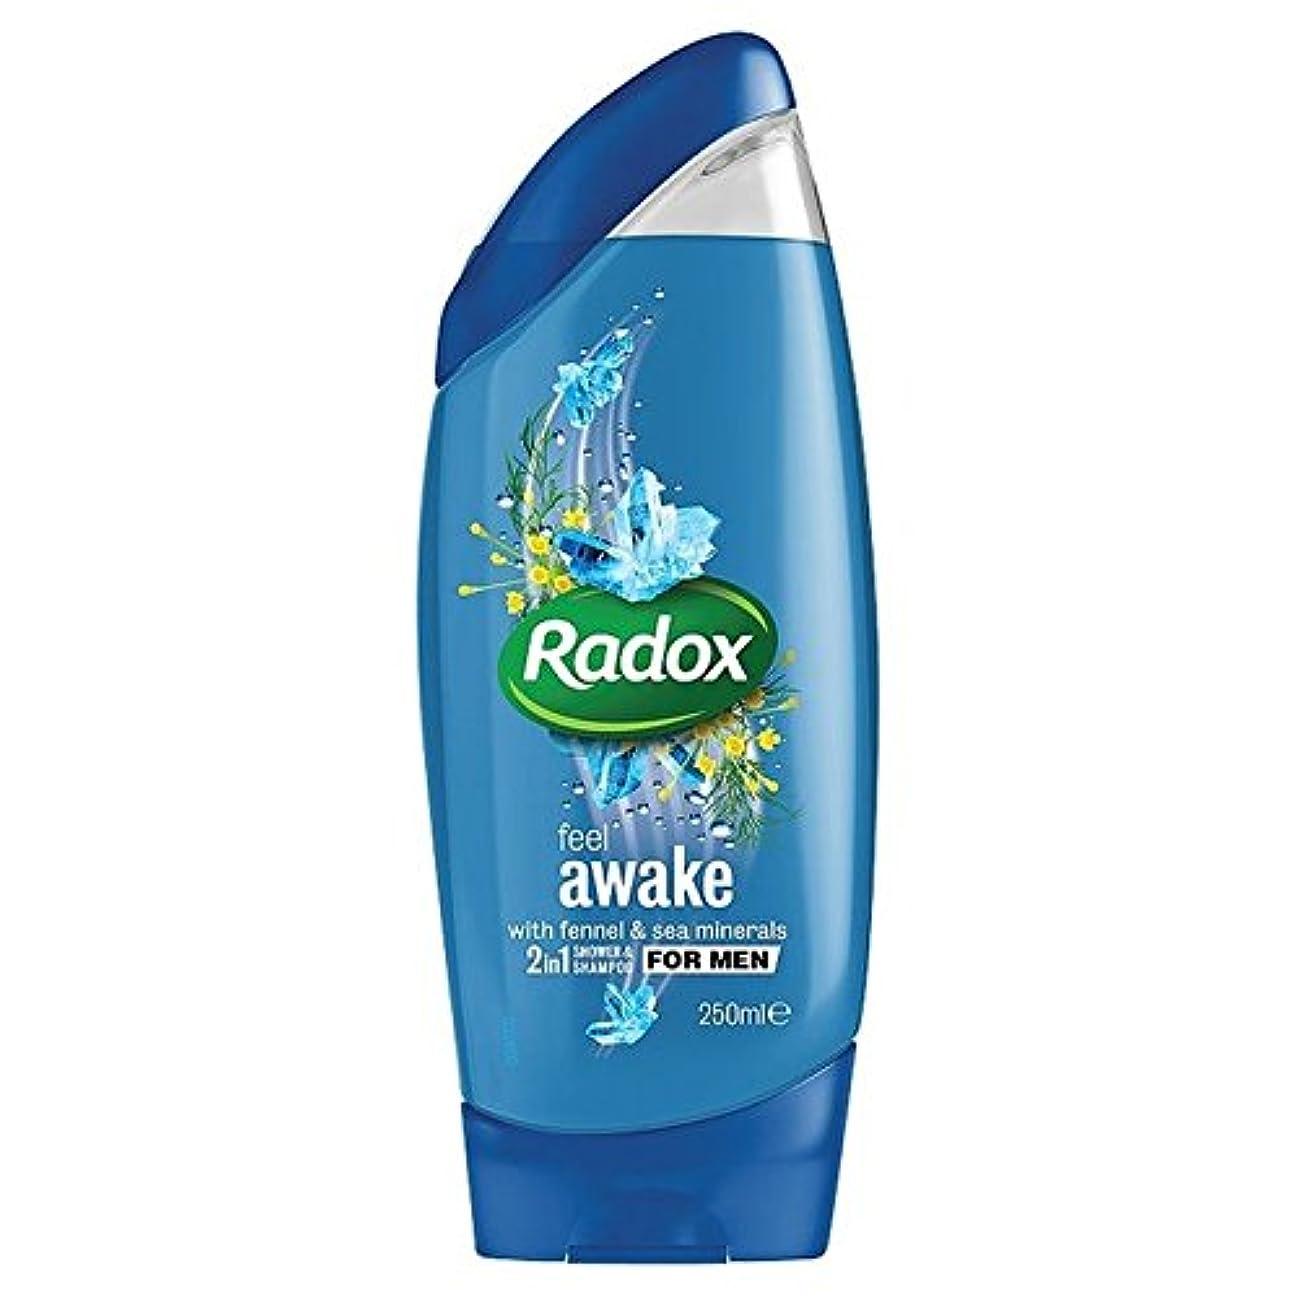 毛細血管つかの間中絶Radox Feel Awake for Men 2in1 Shower Gel 250ml - は男性の21シャワージェル250ミリリットルのために目を覚まし感じ [並行輸入品]